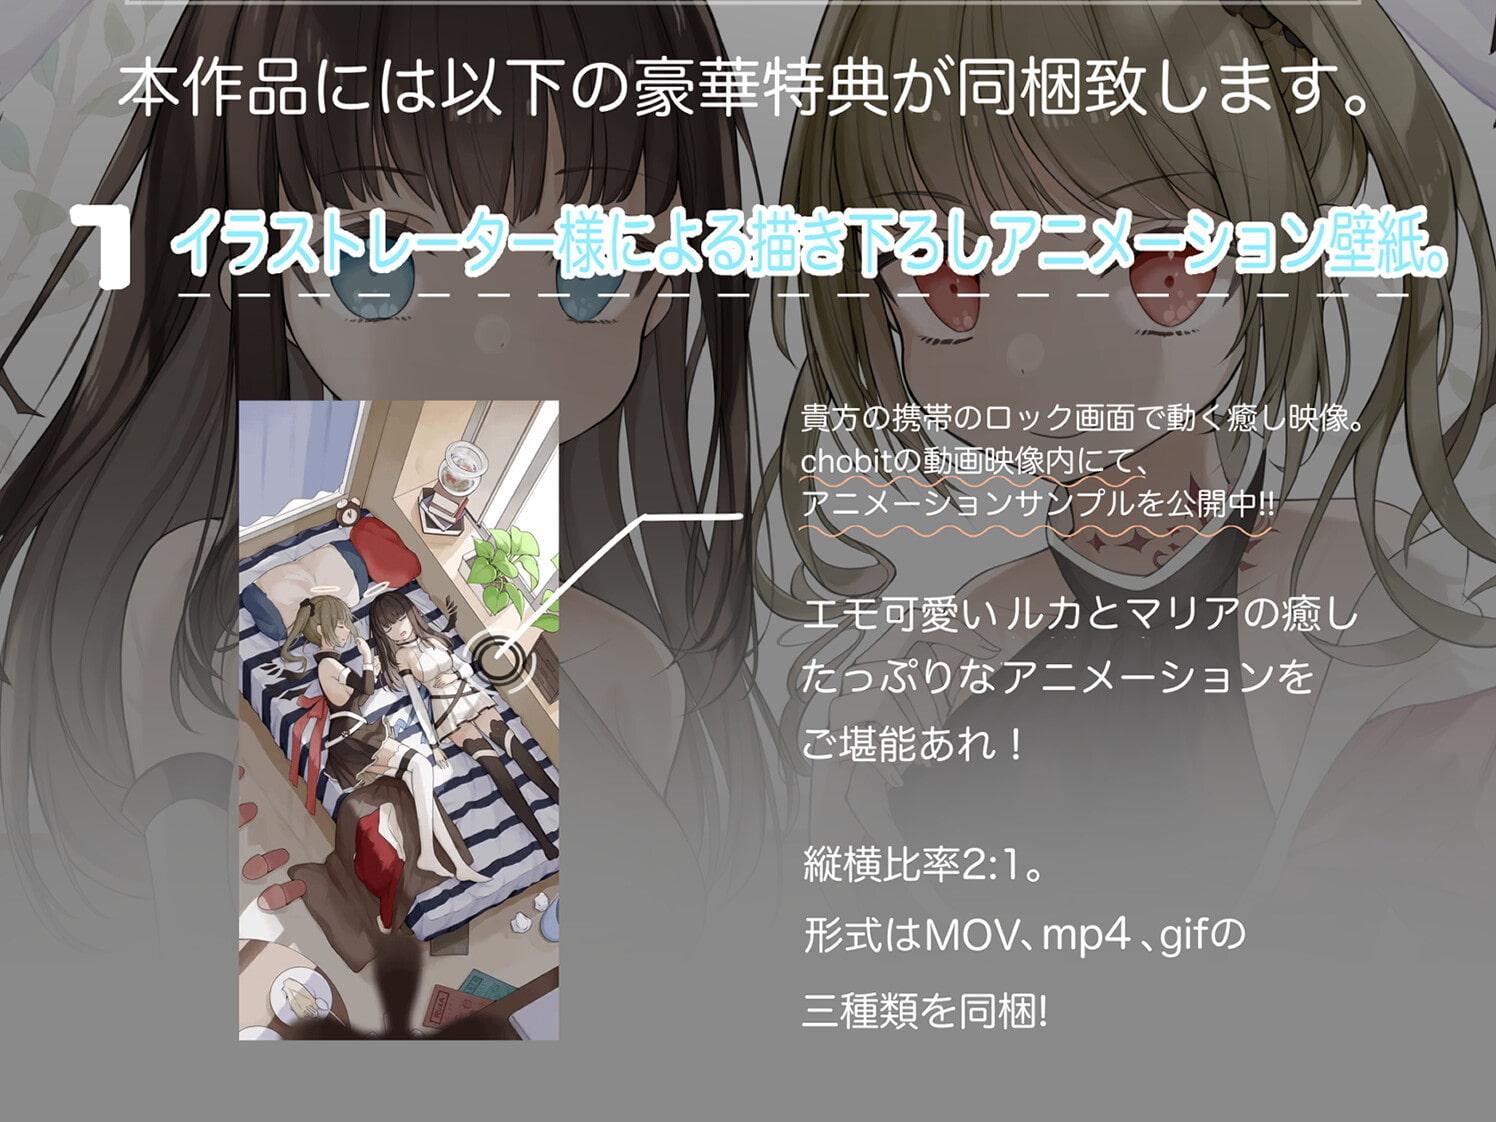 堕天使ちゃんと淫乱契約~射精タイミングでstoryが変わるASMR~【KU100】